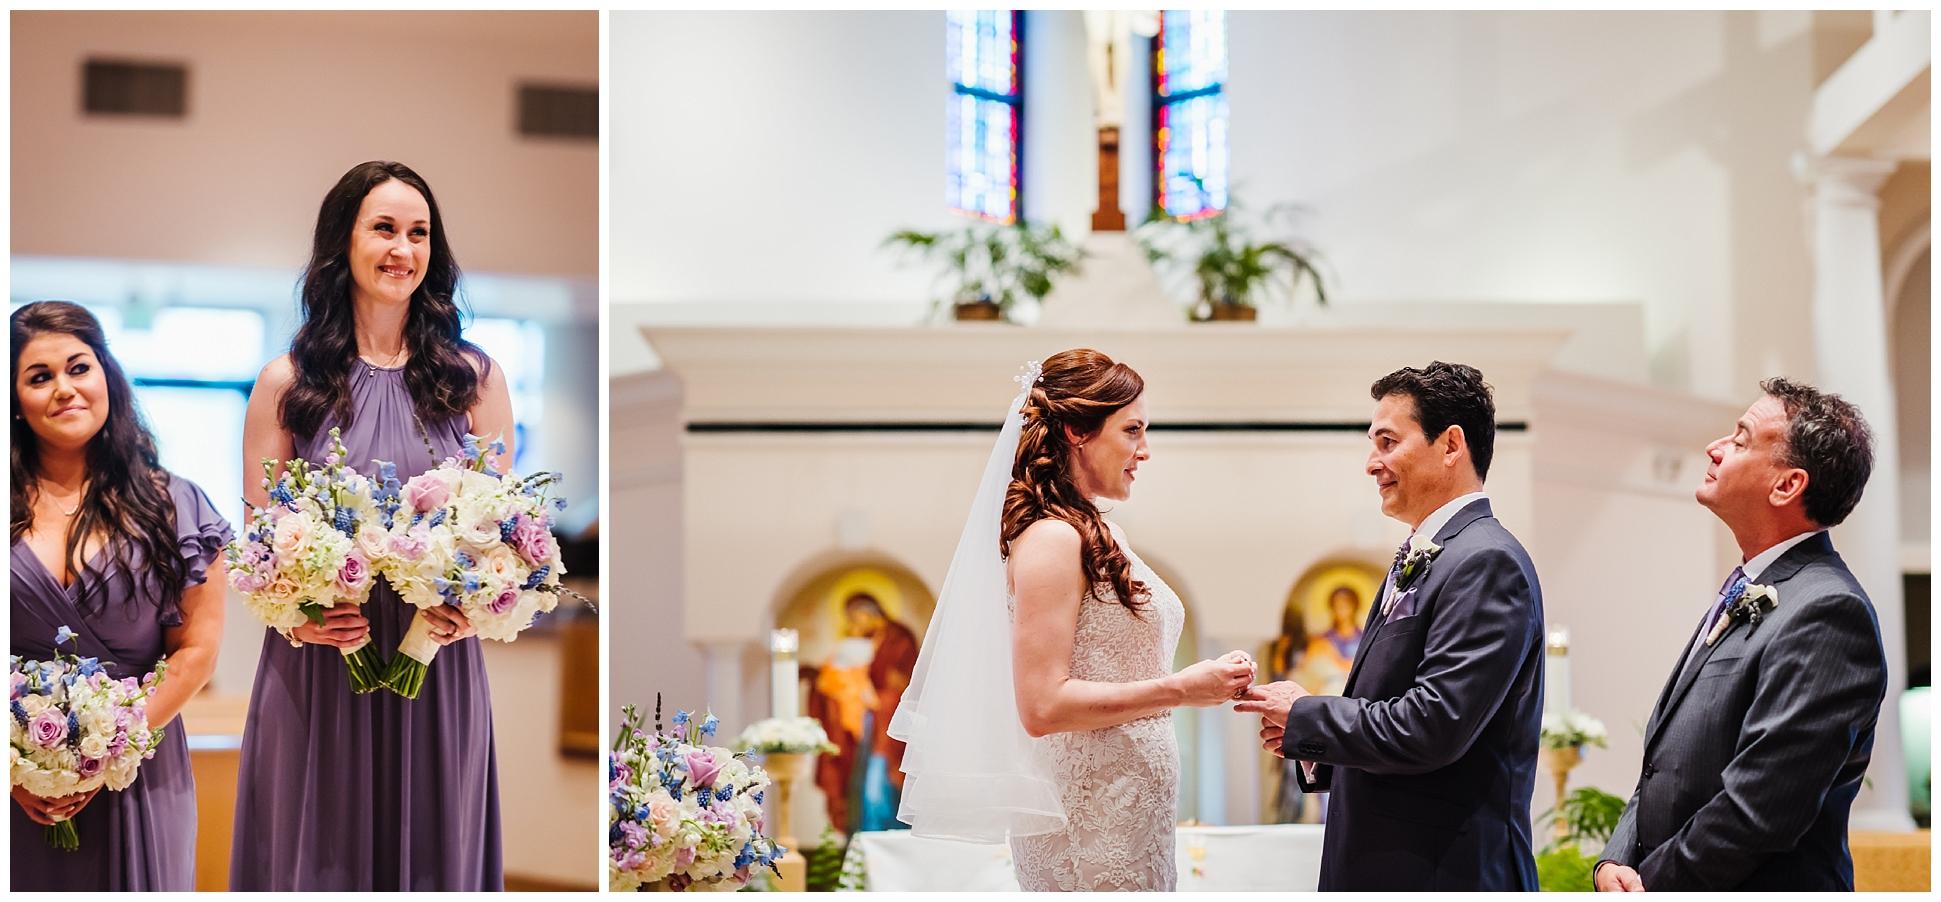 st-pete-wedding-photographer-nova-535-murals-downtown-lavendar_0024.jpg